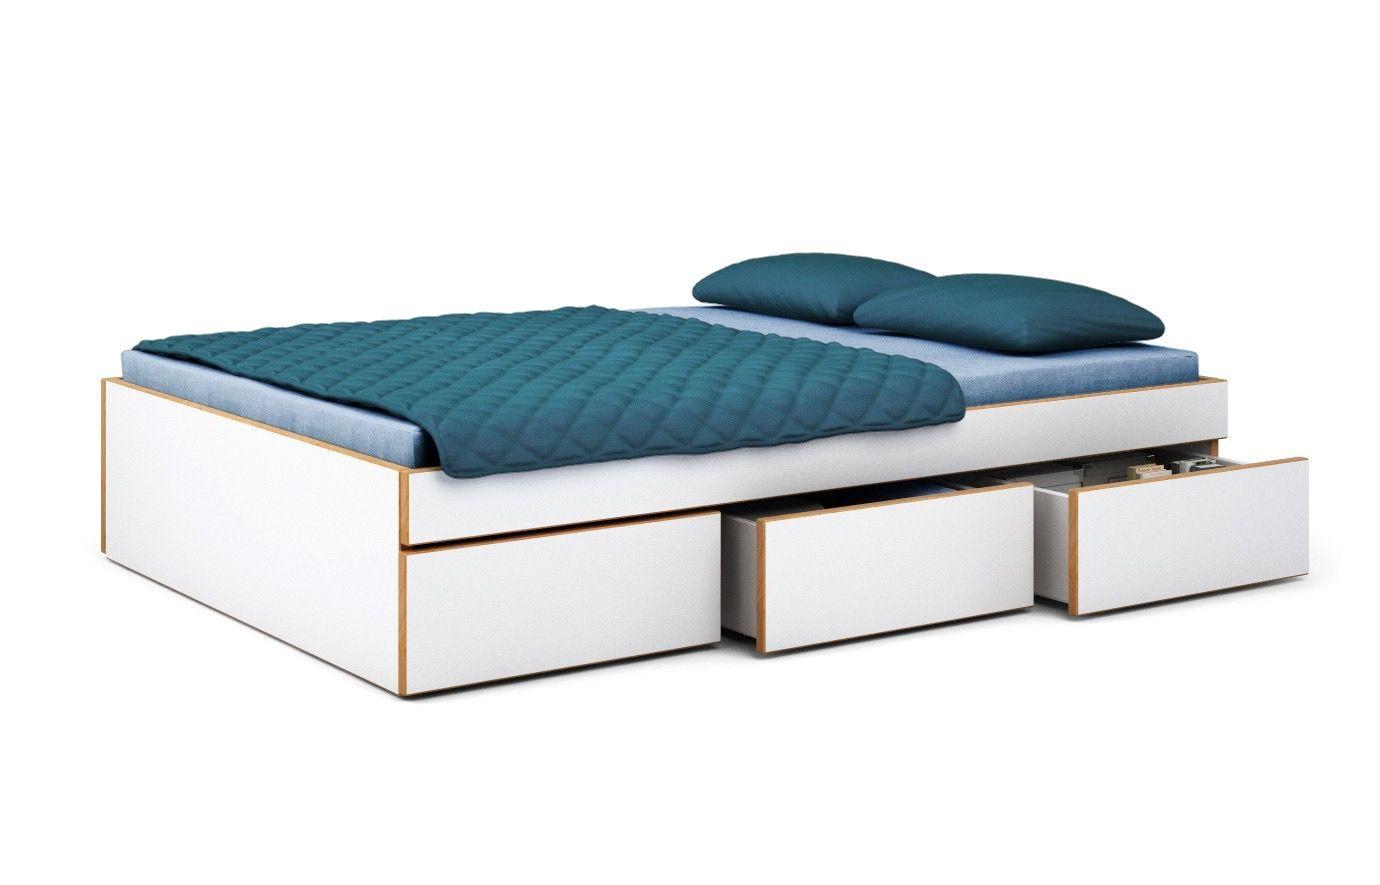 Runde Betten Mit Bettkasten